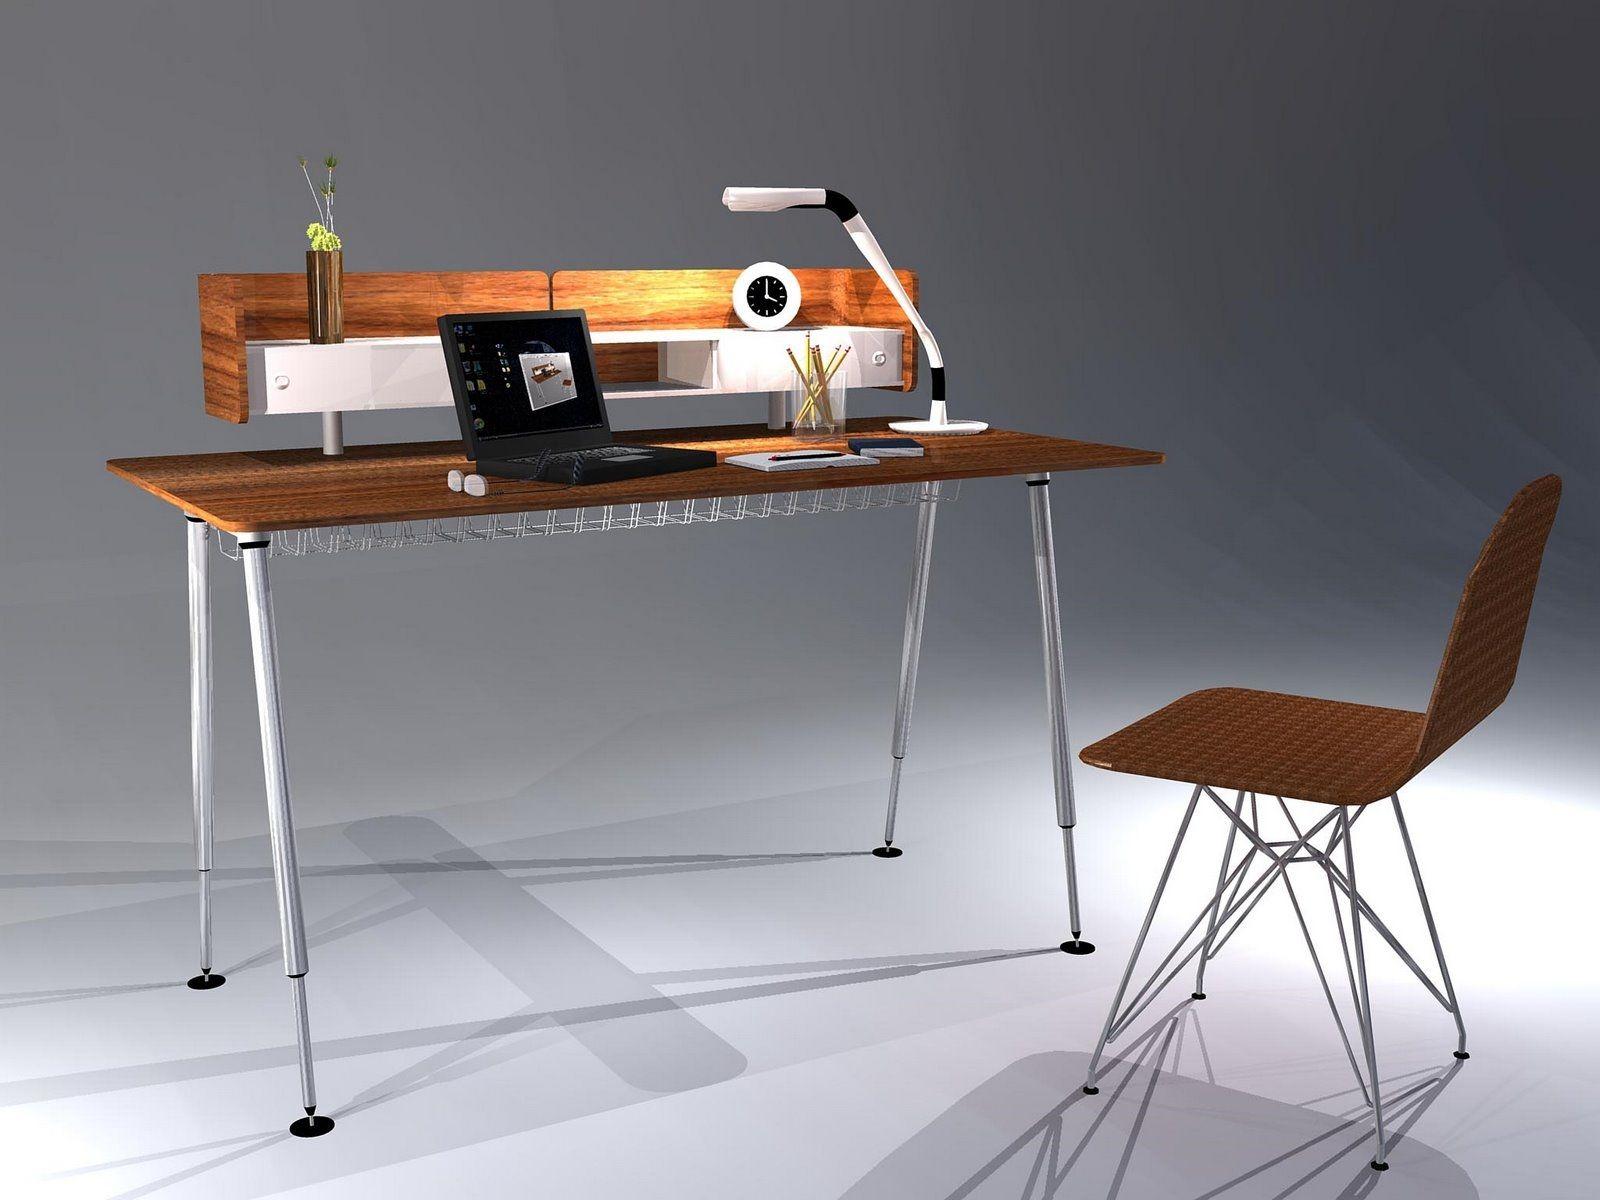 height adjustable computer desk herman miller verstellbarer computertisch schreibtischsthlebrosthlestehpultemoderner - Herman Miller Schreibtischsthle